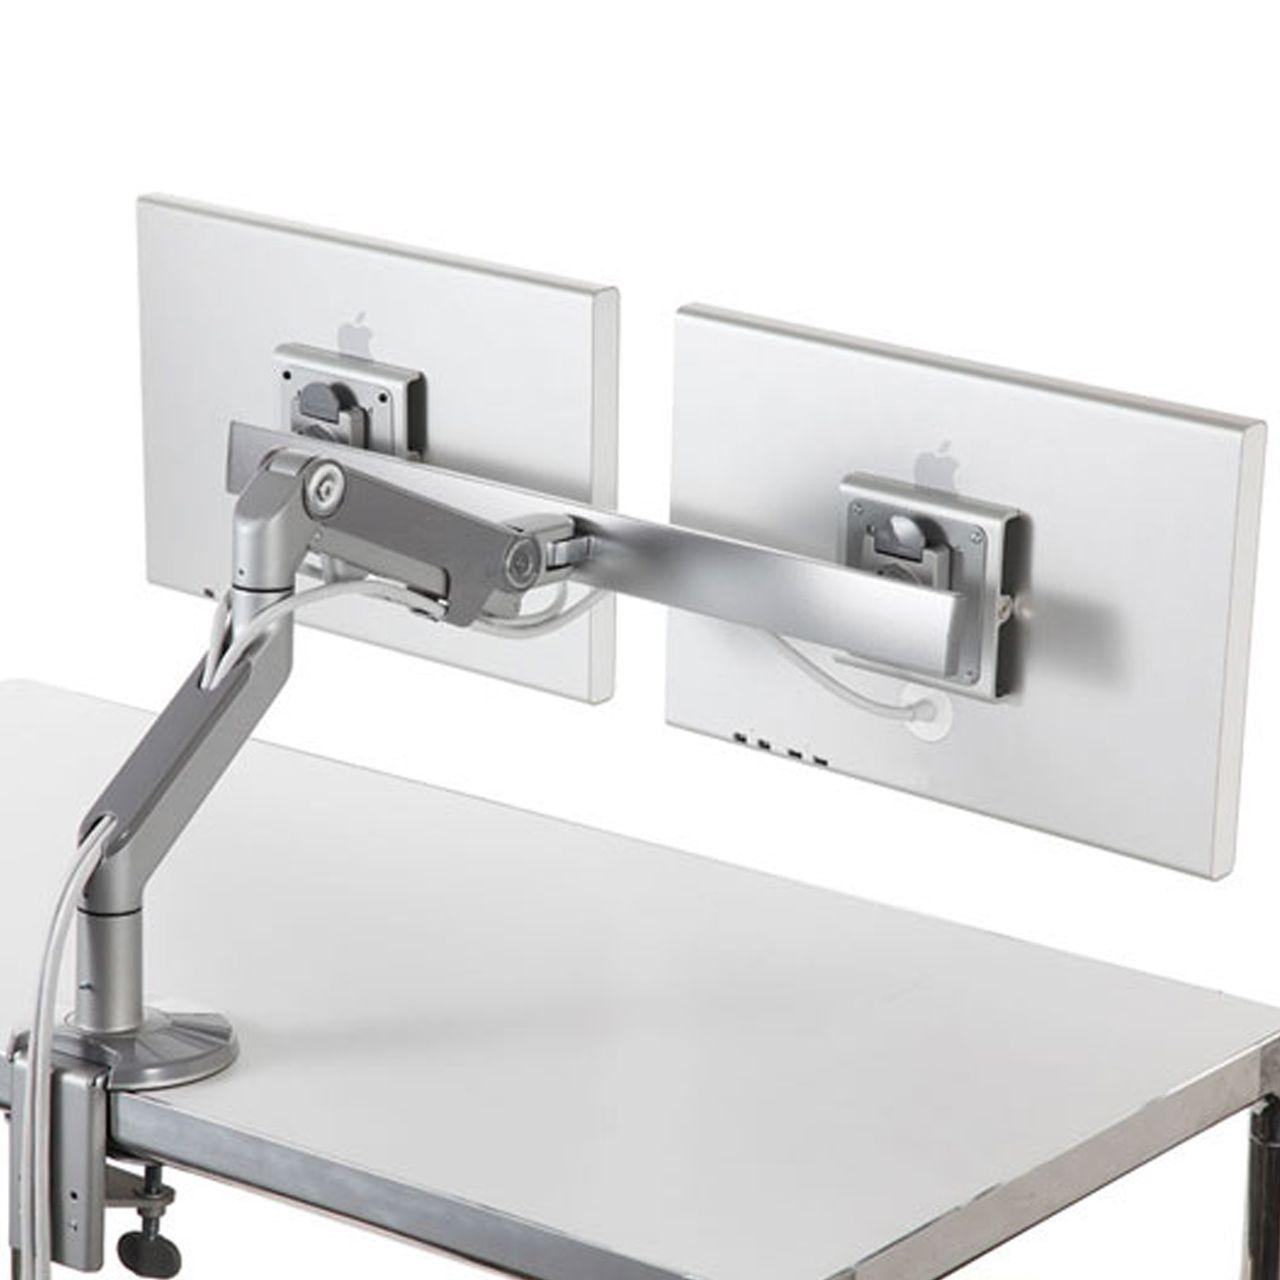 Humanscale-m8-crossbar-flatscreenarm-erkanflhs01_0001s_0003s_0002_met_schernen